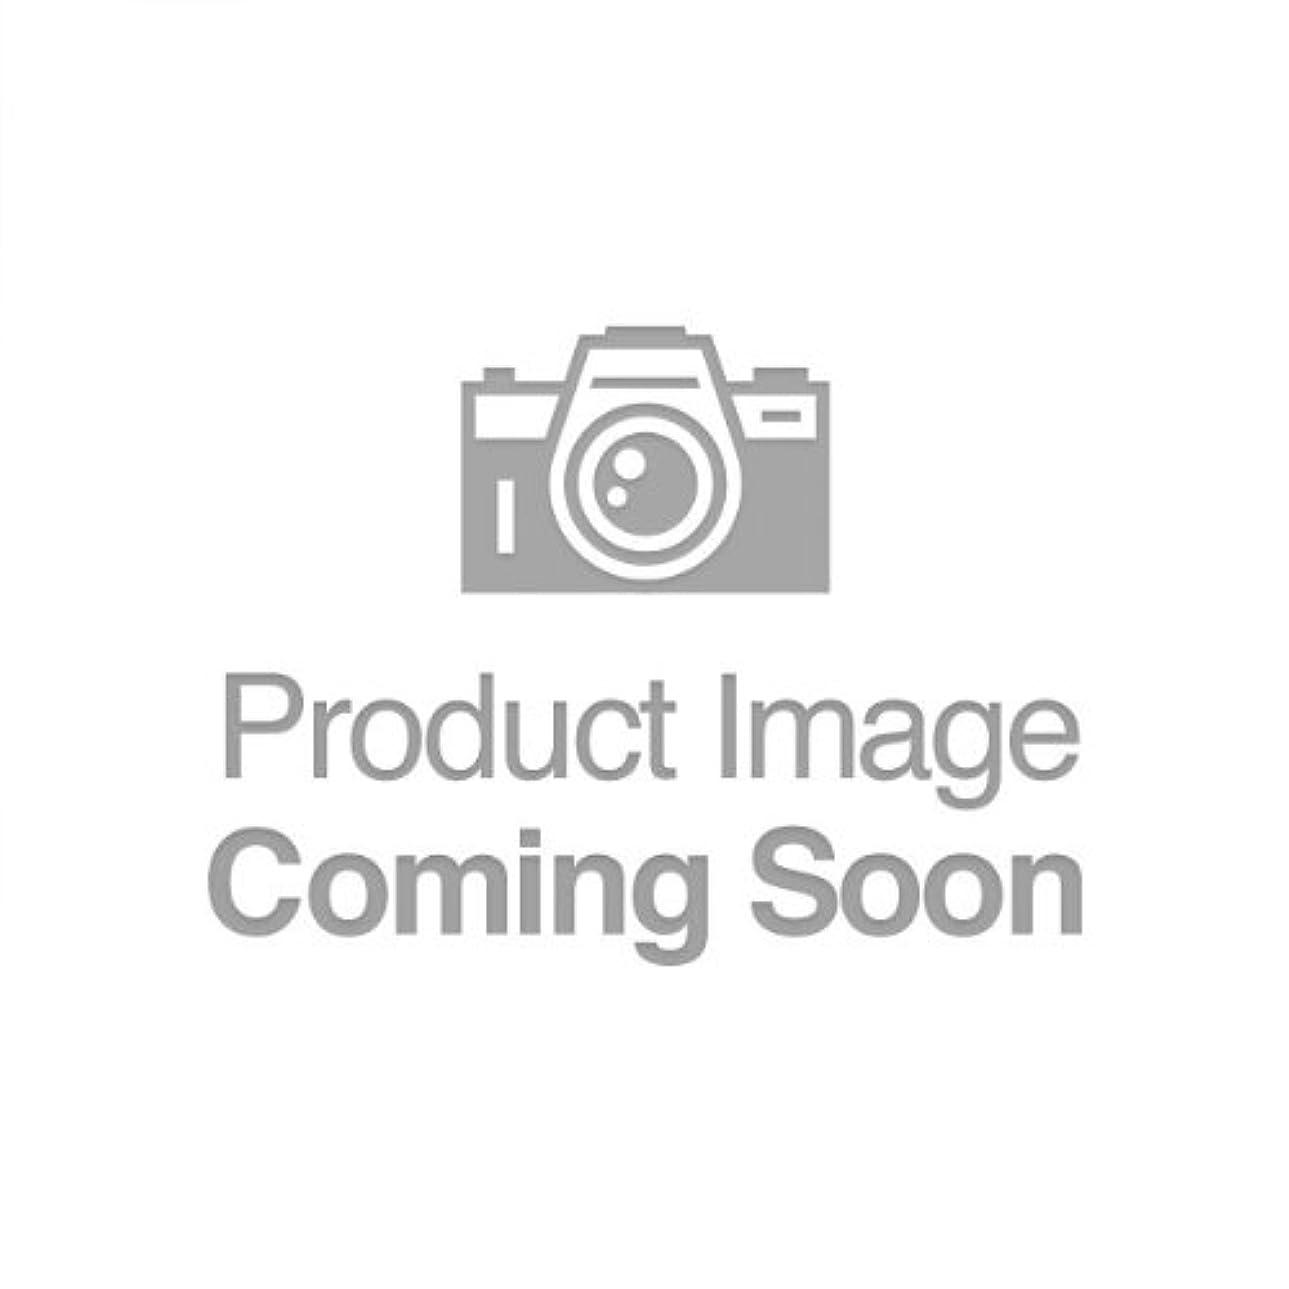 あそこ音整理するネイチャーズゲート ホホバ(JO)コンディショナー [海外直送品]